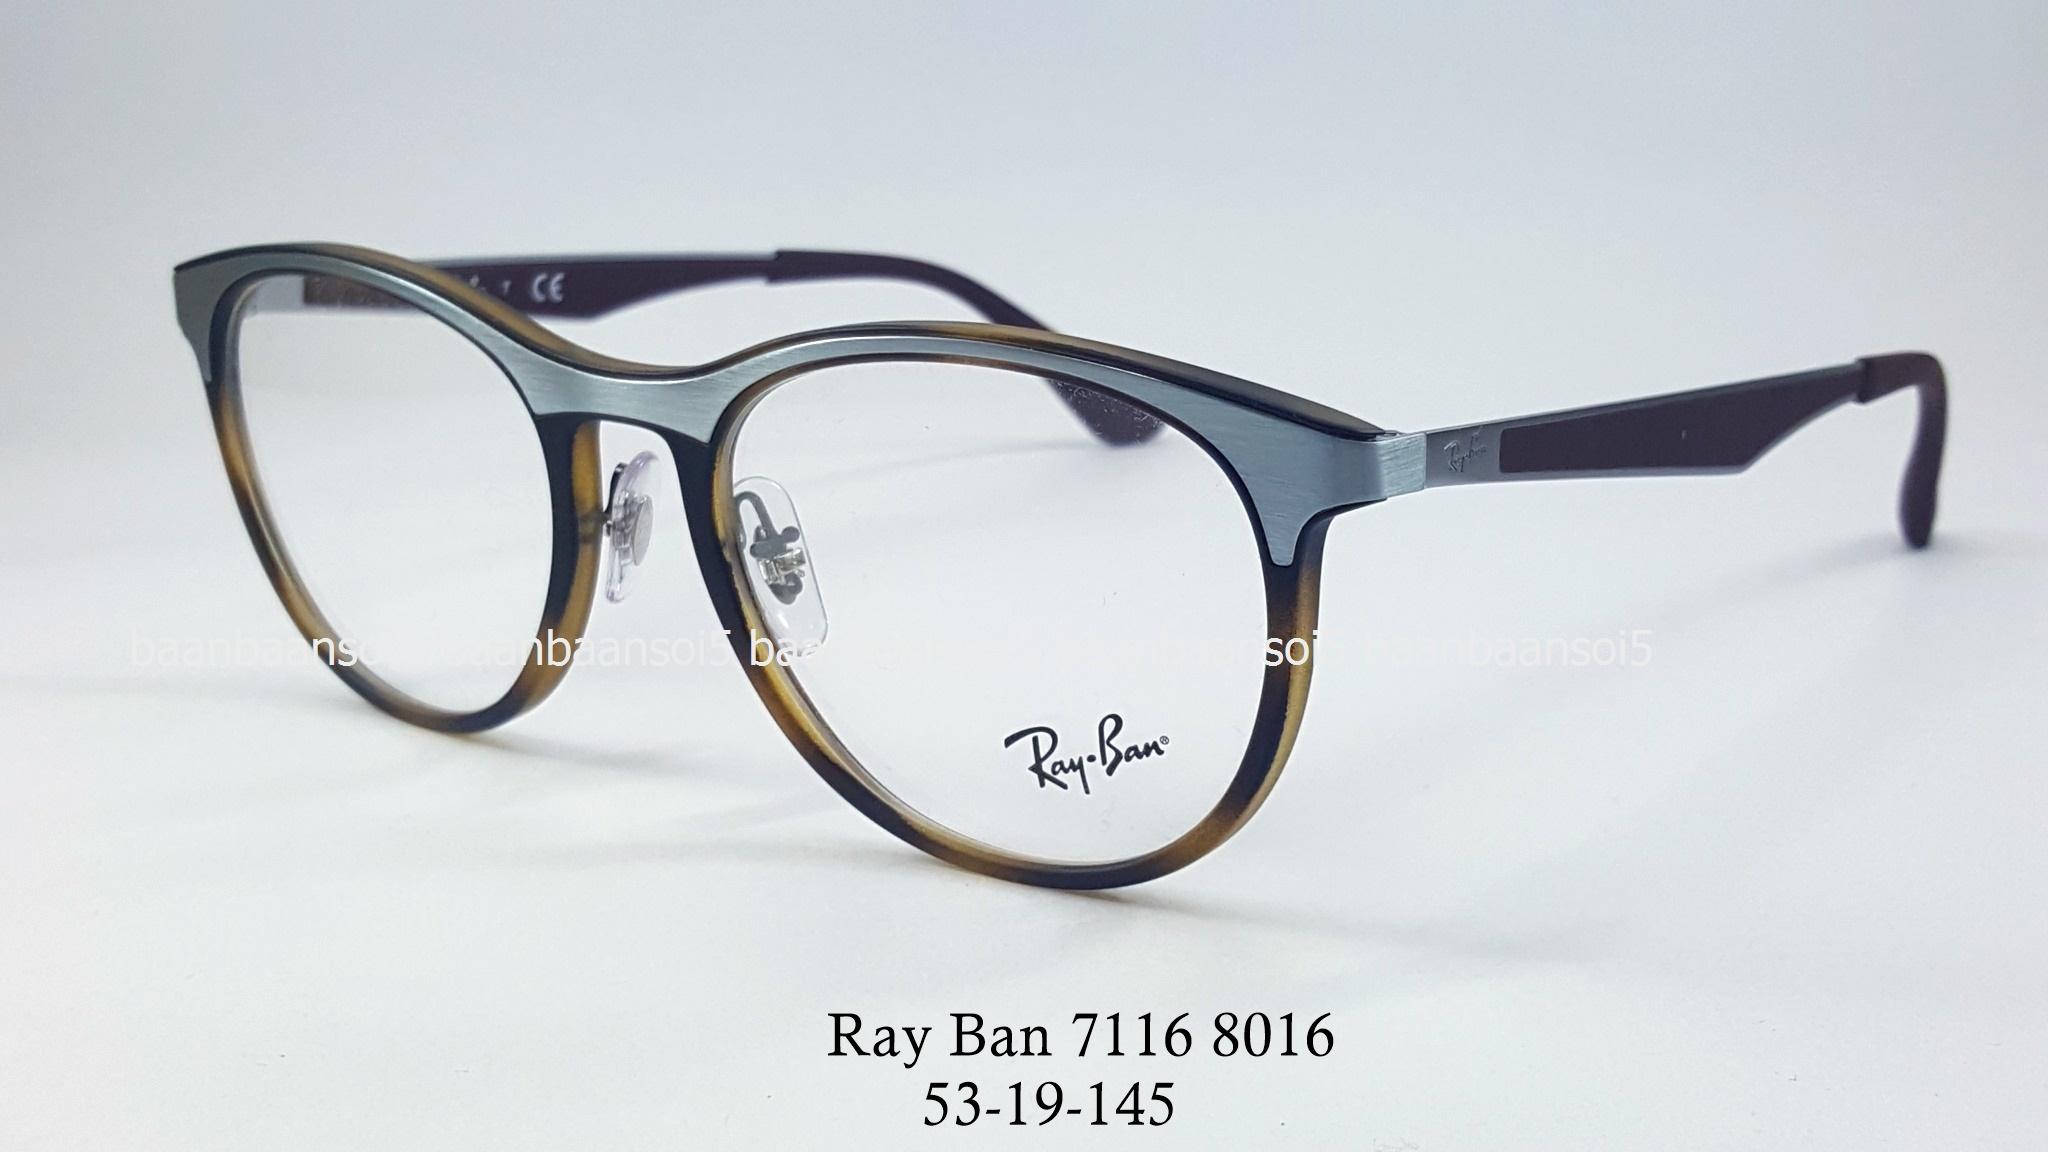 Rayban RX 7116 8016 โปรโมชั่น กรอบแว่นตาพร้อมเลนส์ HOYA ราคา 4,900 บาท